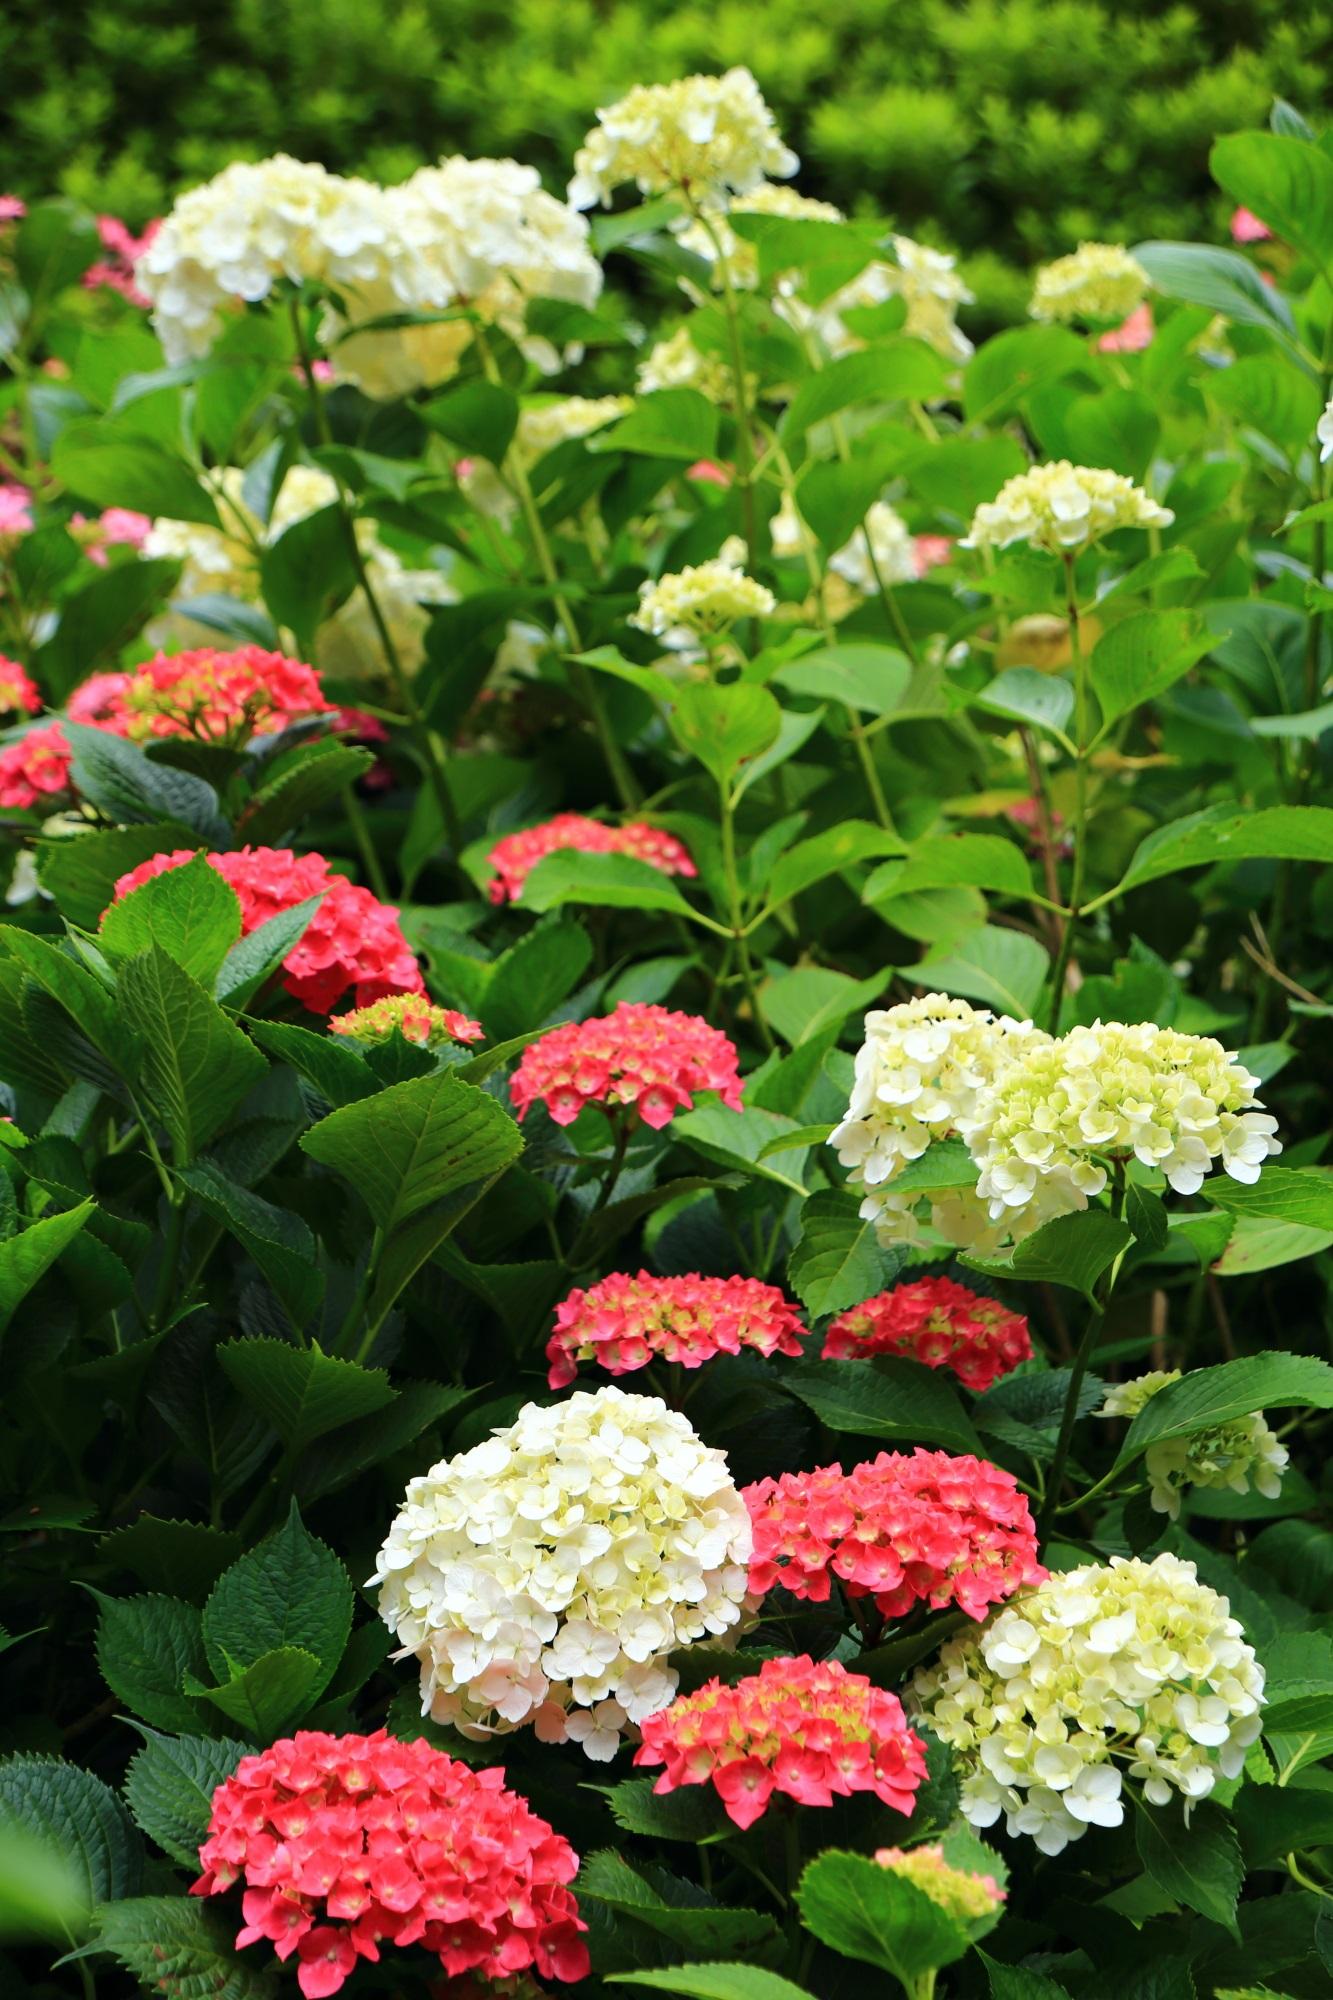 三室戸寺の素晴らしすぎる紫陽花と初夏の彩り